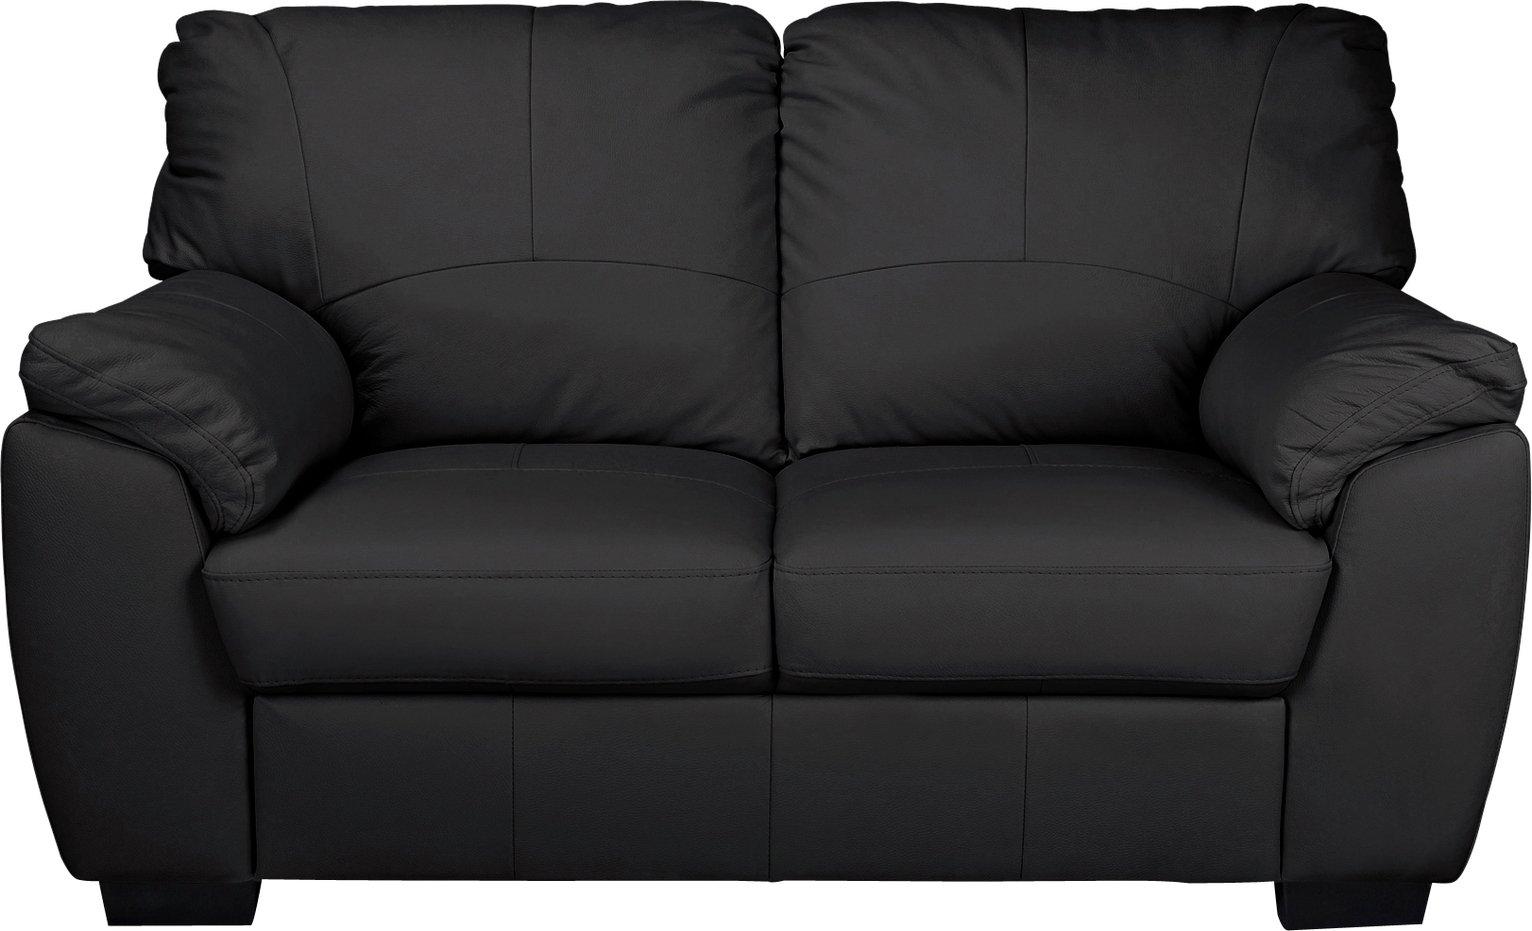 Argos Home Milano 2 Seater Leather Sofa - Black